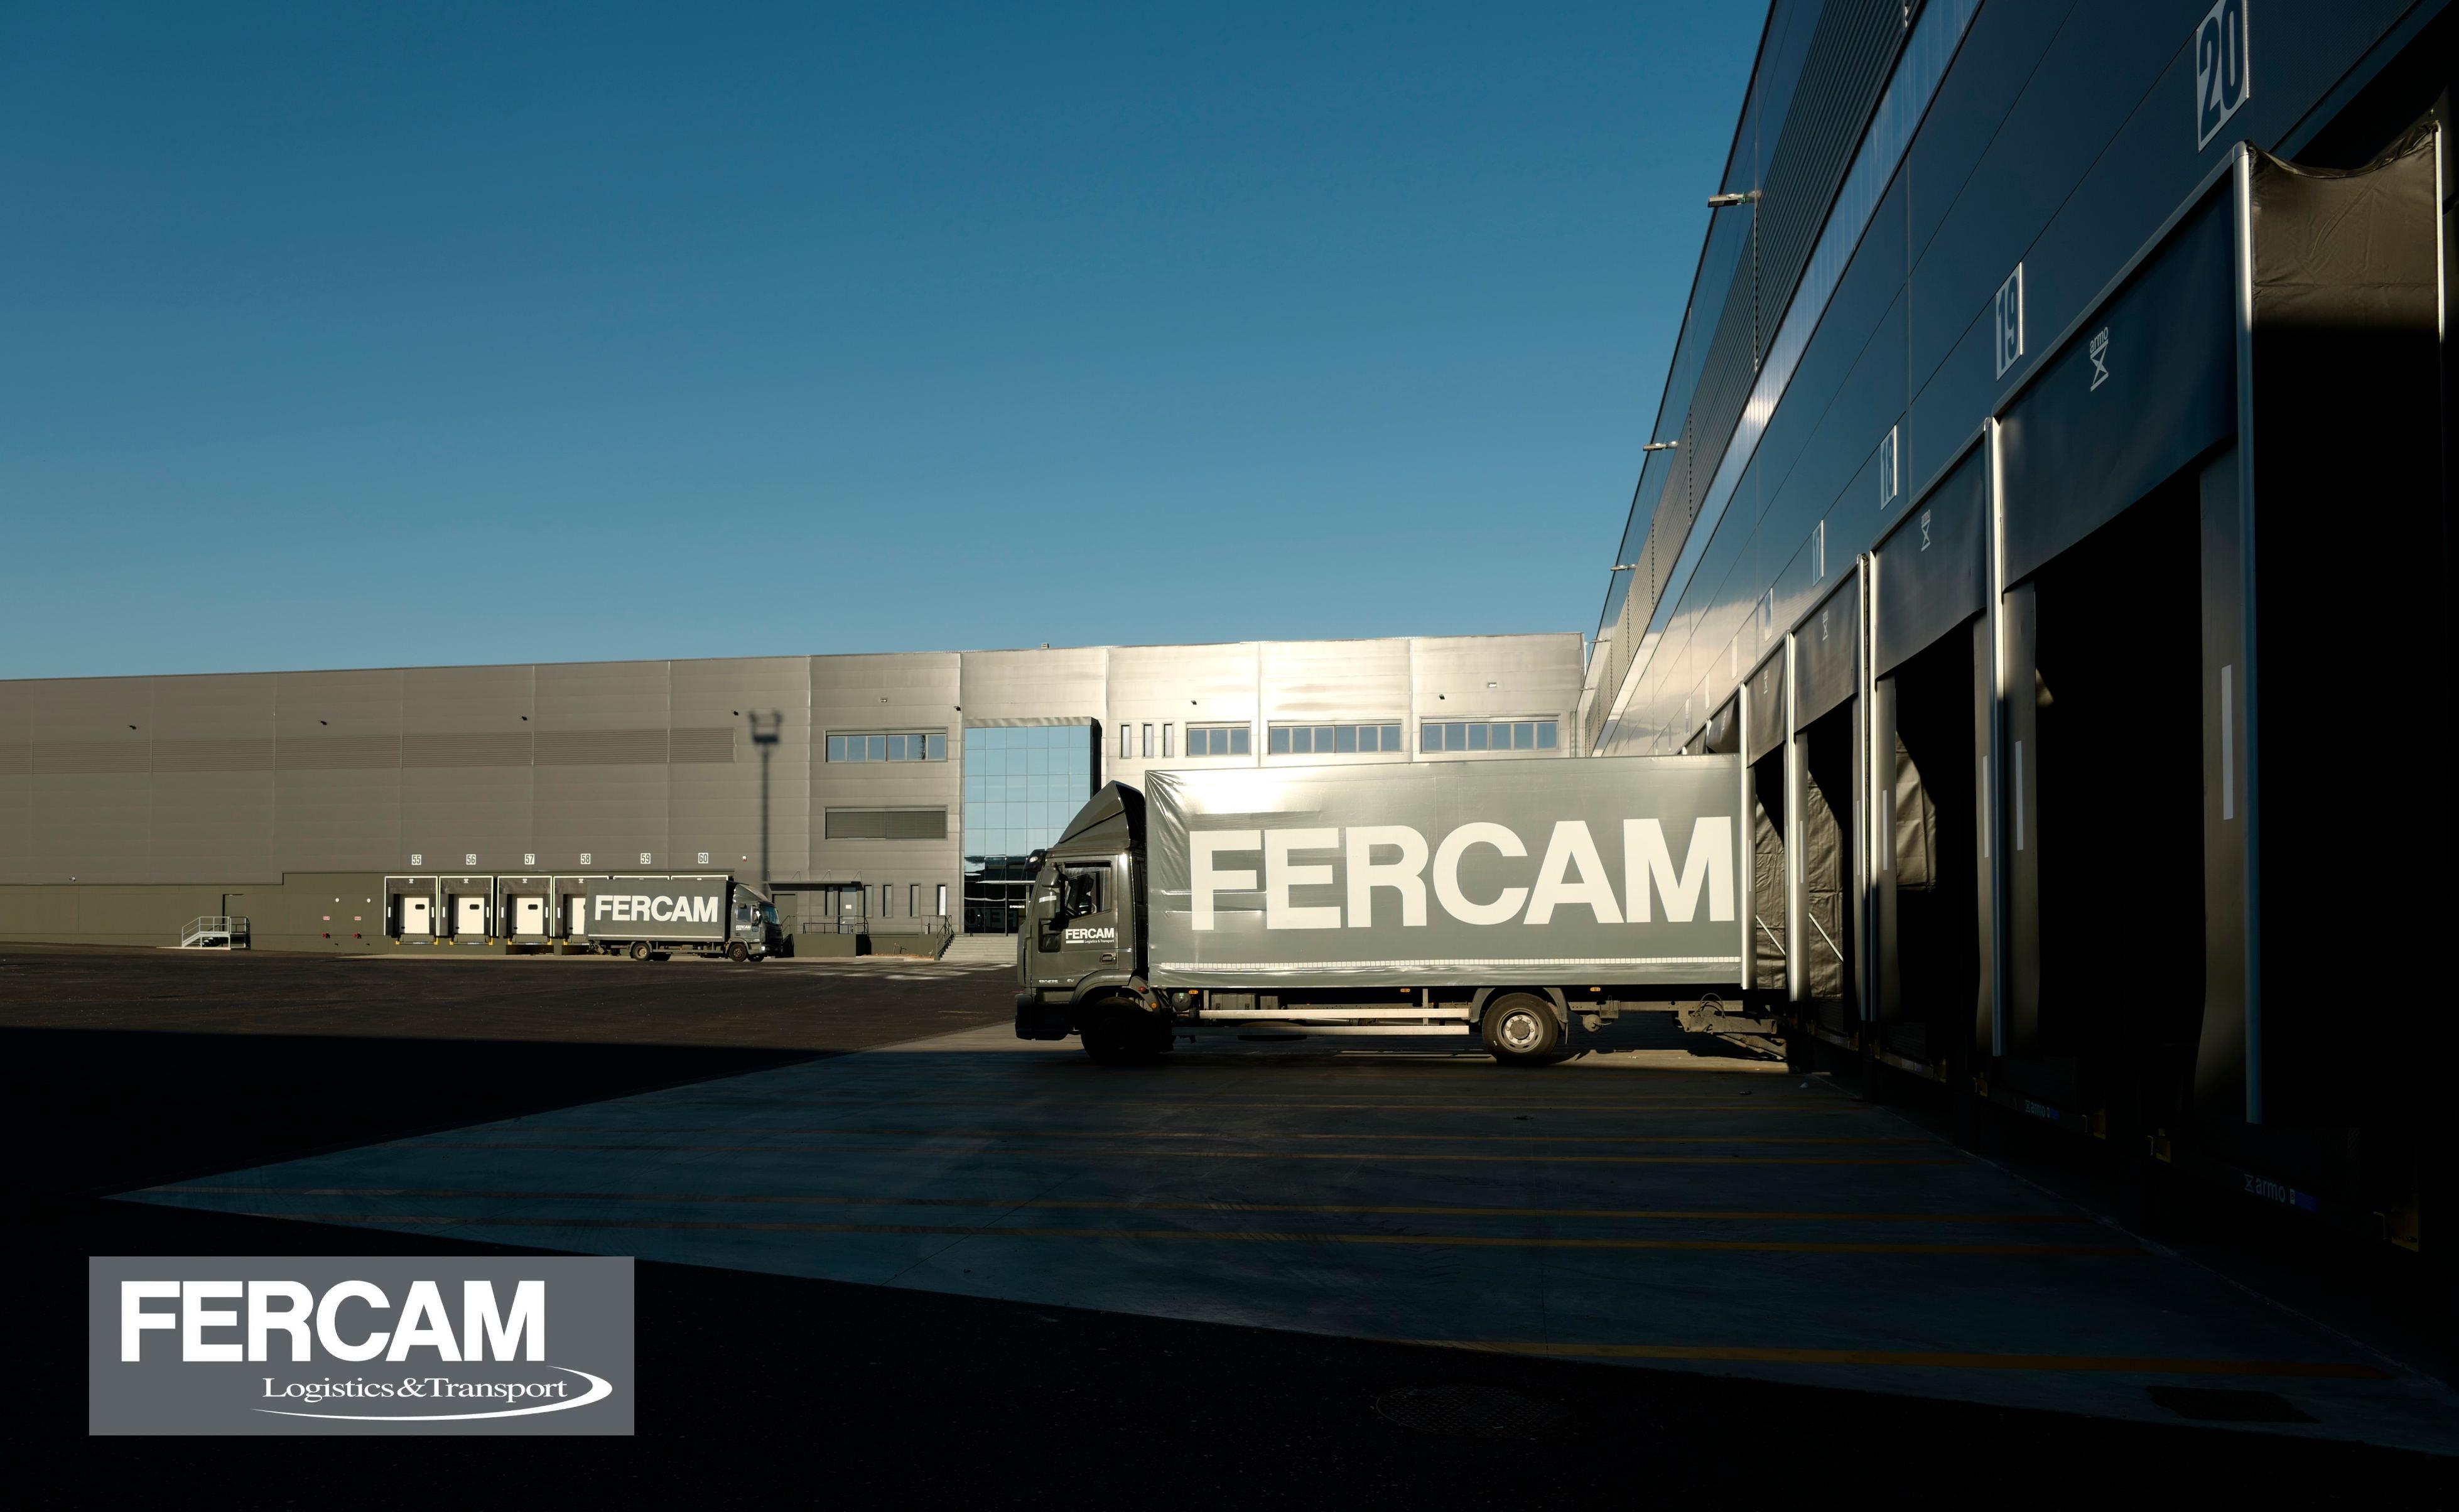 Nuova sede logistica di Fercam S.p.A. ad Altavilla (VI): il racconto del cantiere